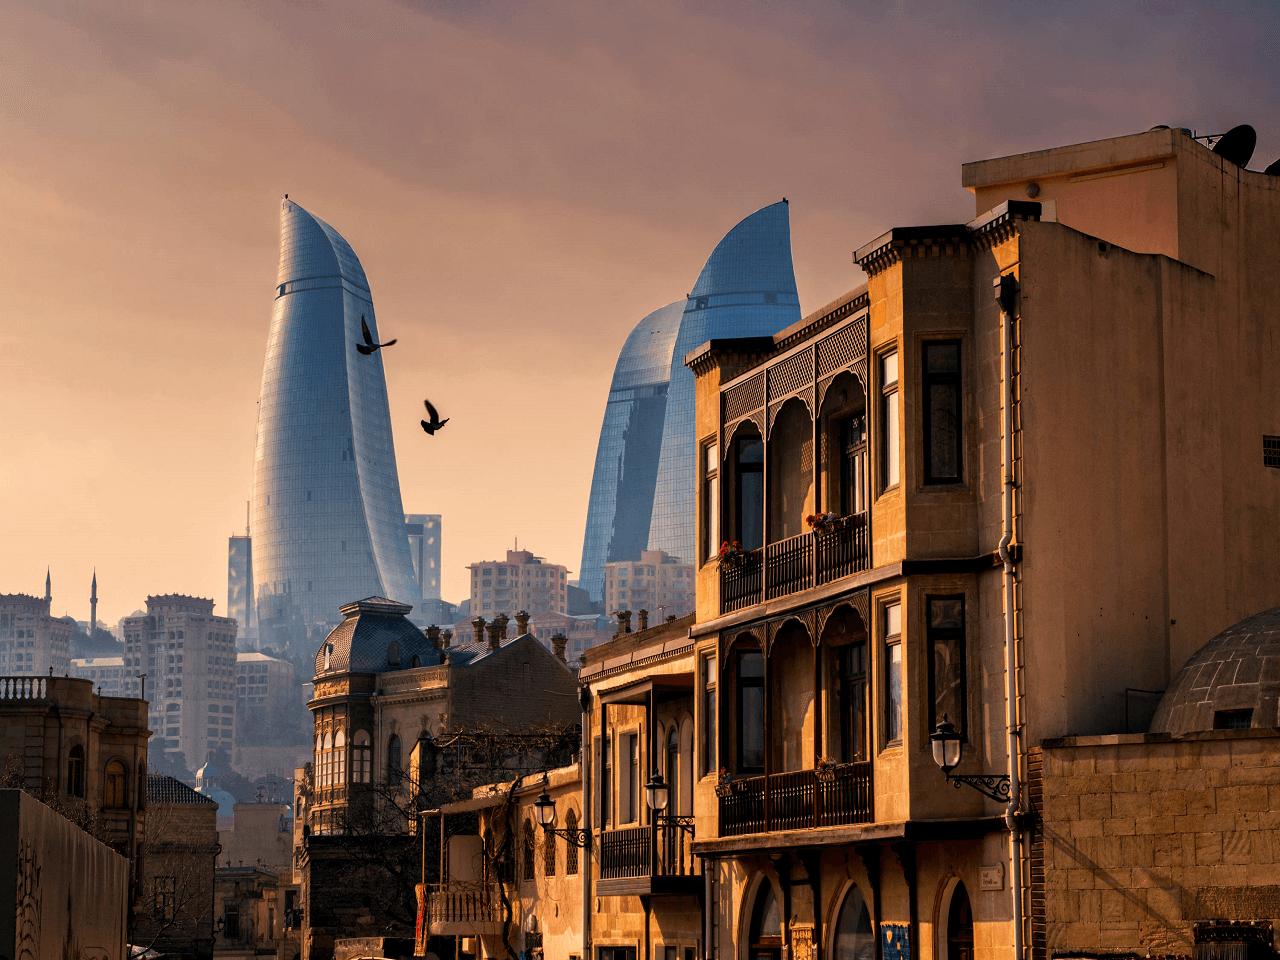 Türkiye-Azerbaycan Tercihli Ticaret Anlaşması Müzakereleri Tamamlandı